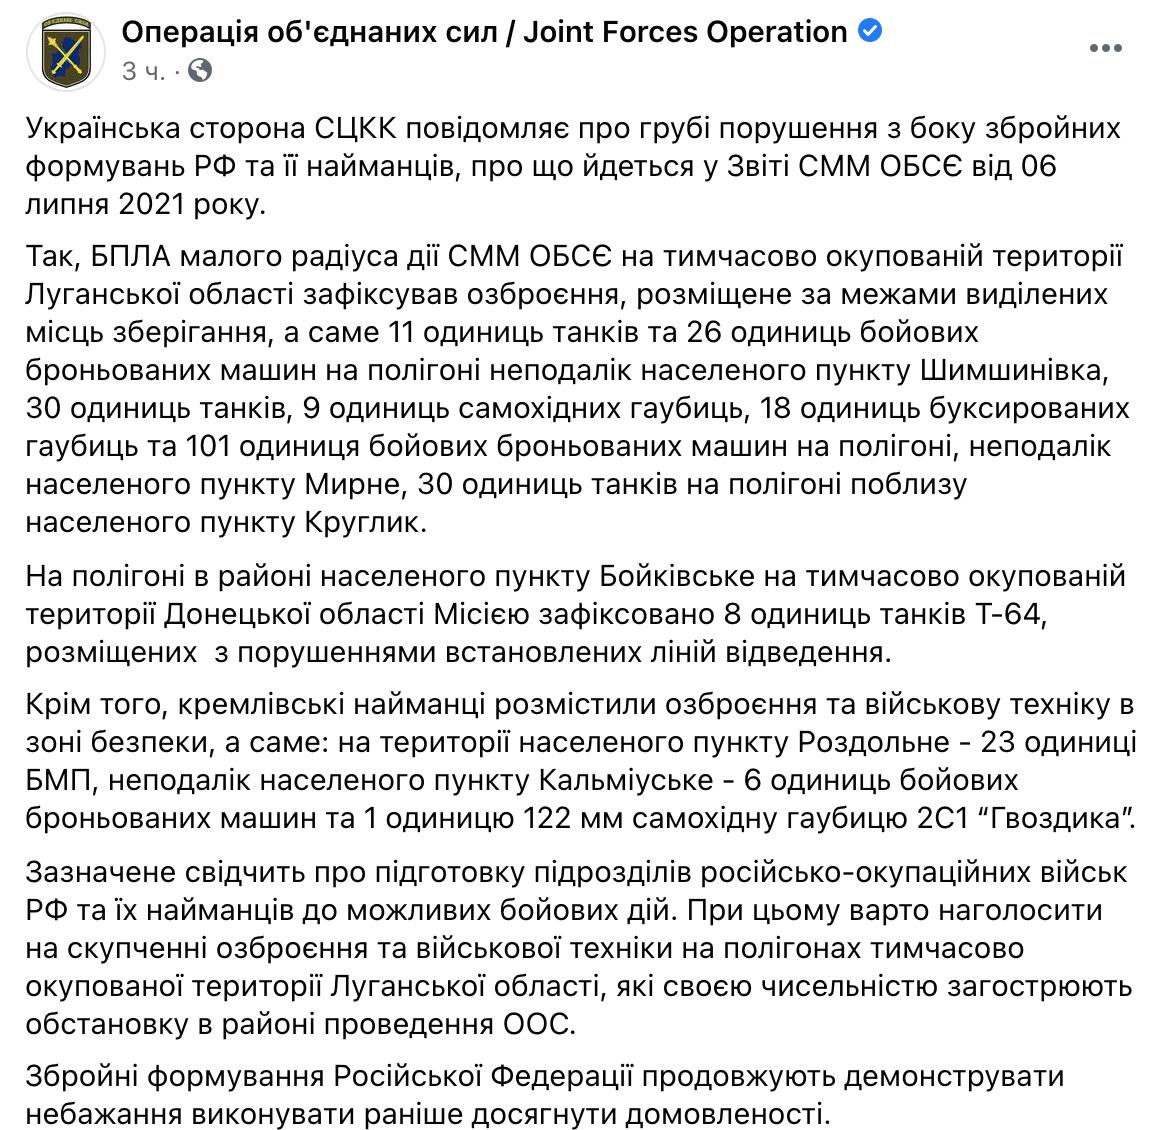 Боевики на Донбассе готовятся к возможным боевым действиям – СЦКК